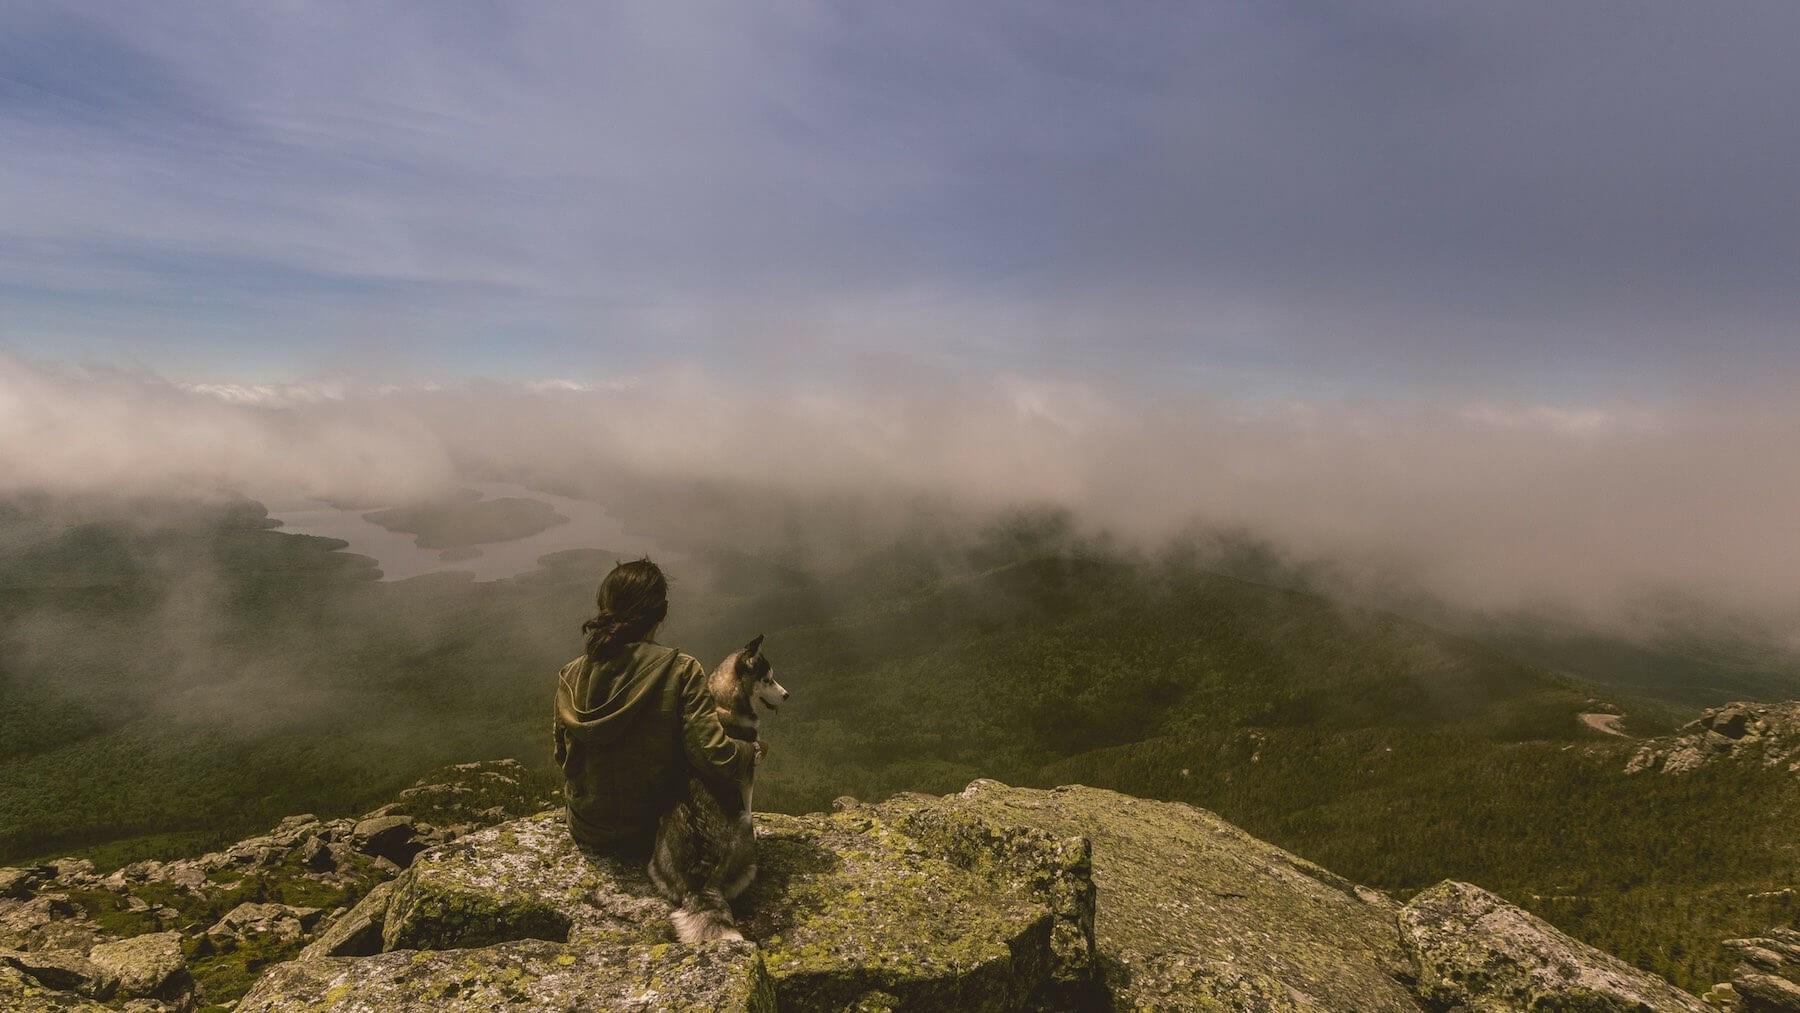 Eigene Grenzen umarmen – eine neue Sichtweise im Umgang mit inneren Beschränkungen